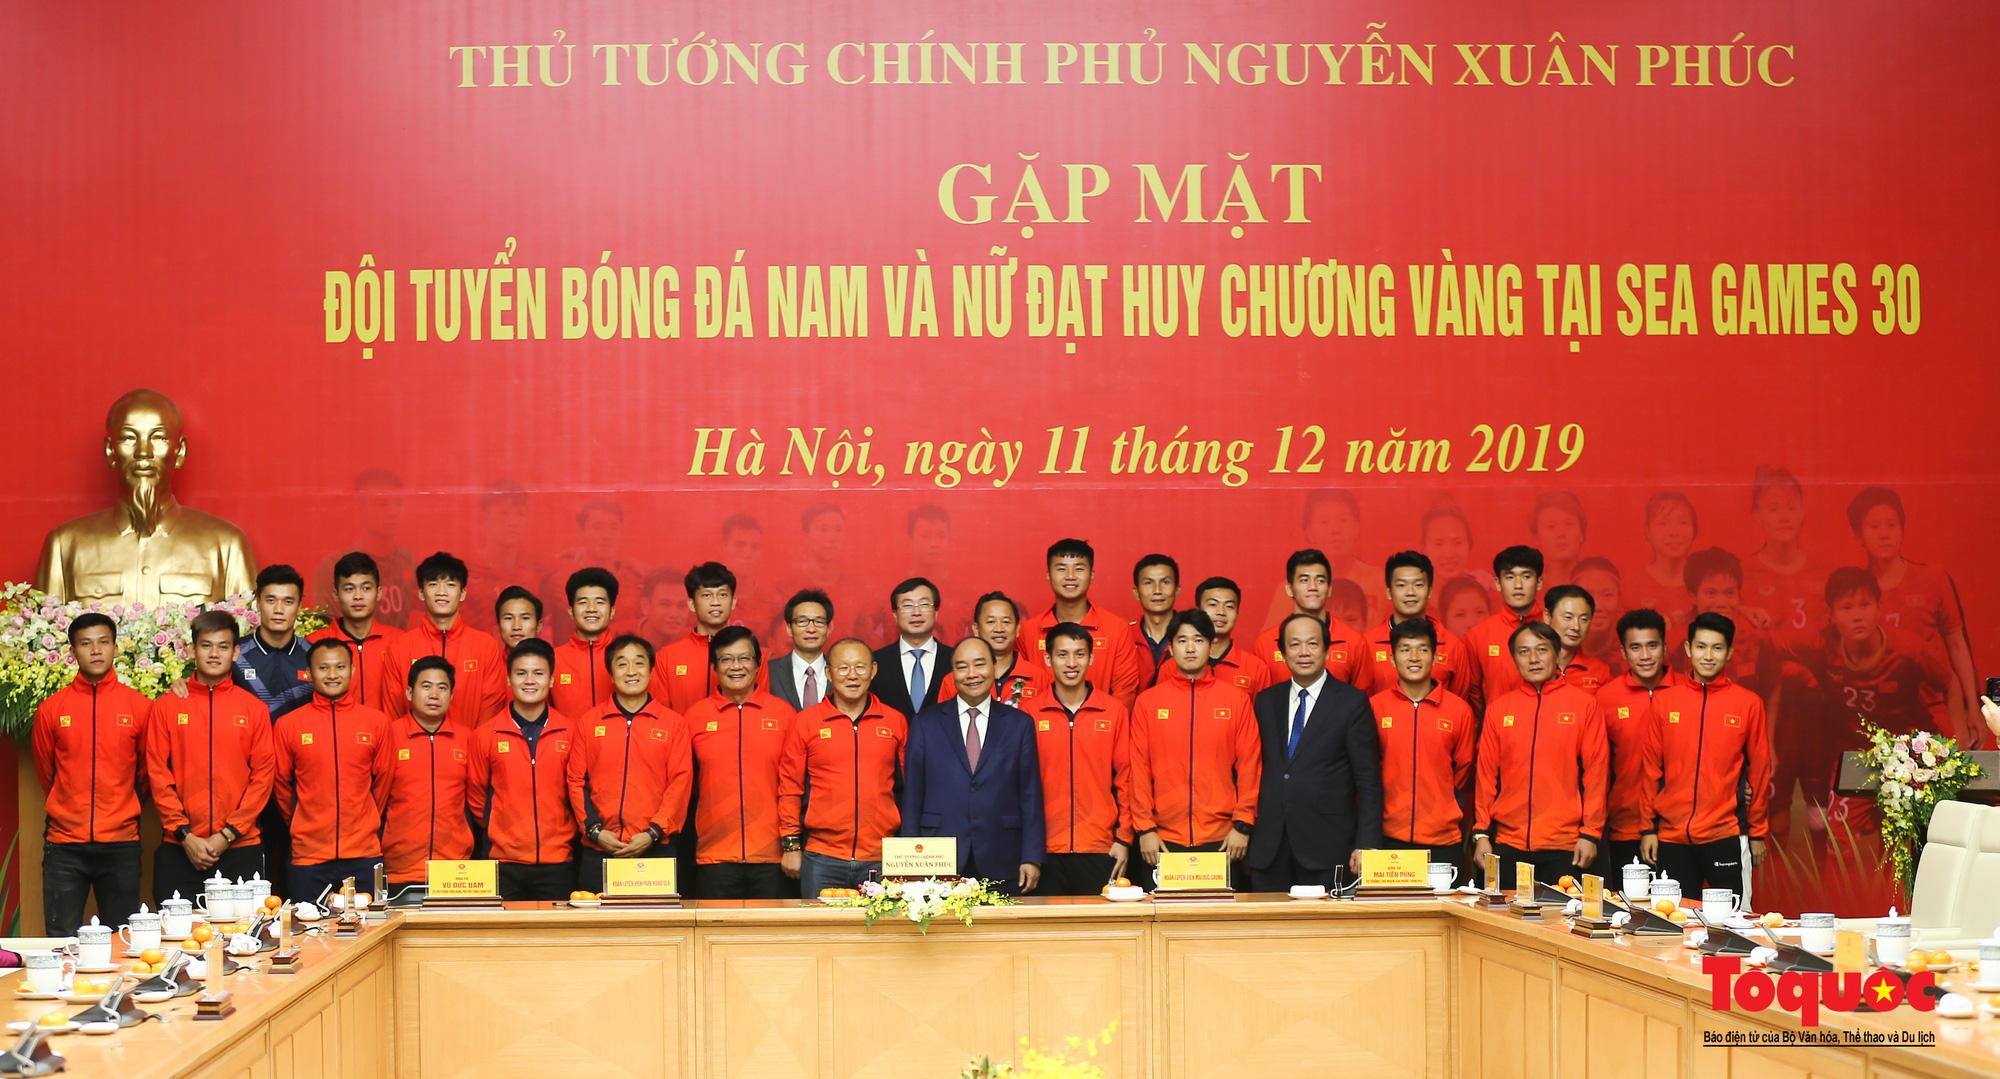 Thủ tướng Nguyễn Xuân Phúc gặp mặt thân mật các cầu thủ đội tuyển U22 Việt Nam và ĐT nữ Việt Nam - Ảnh 16.